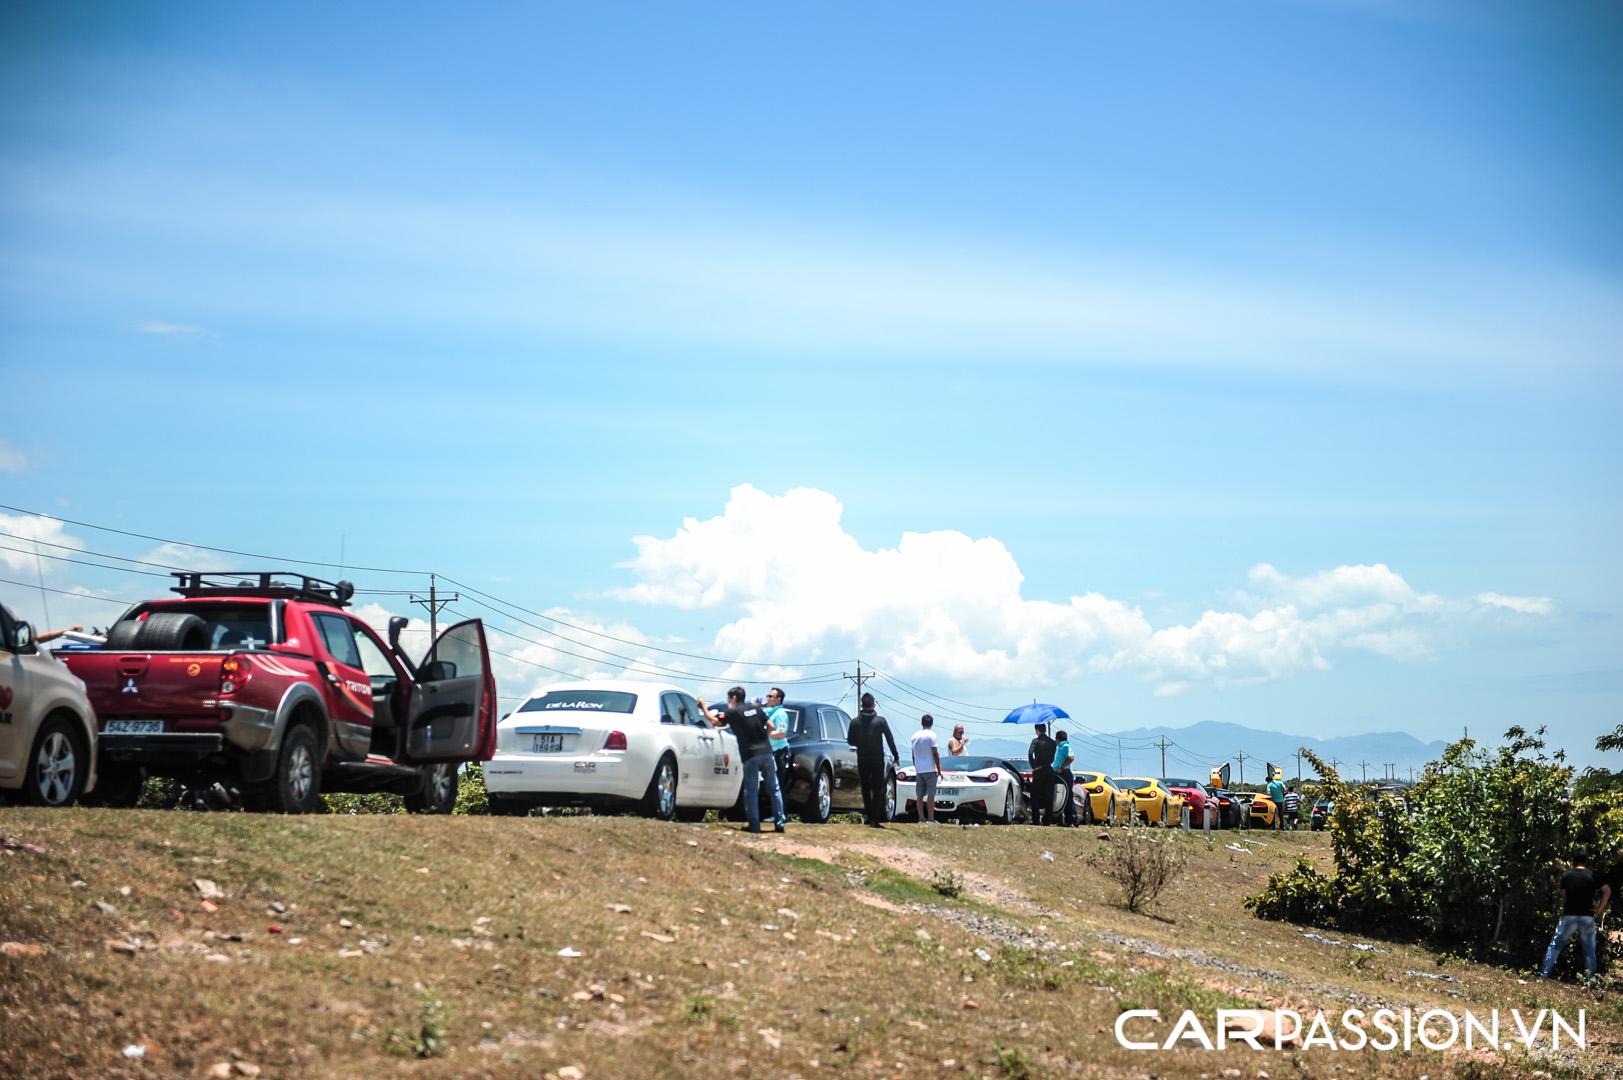 CP-Hành trình siêu xe CarPassion 2011 Day 2 (264).jpg